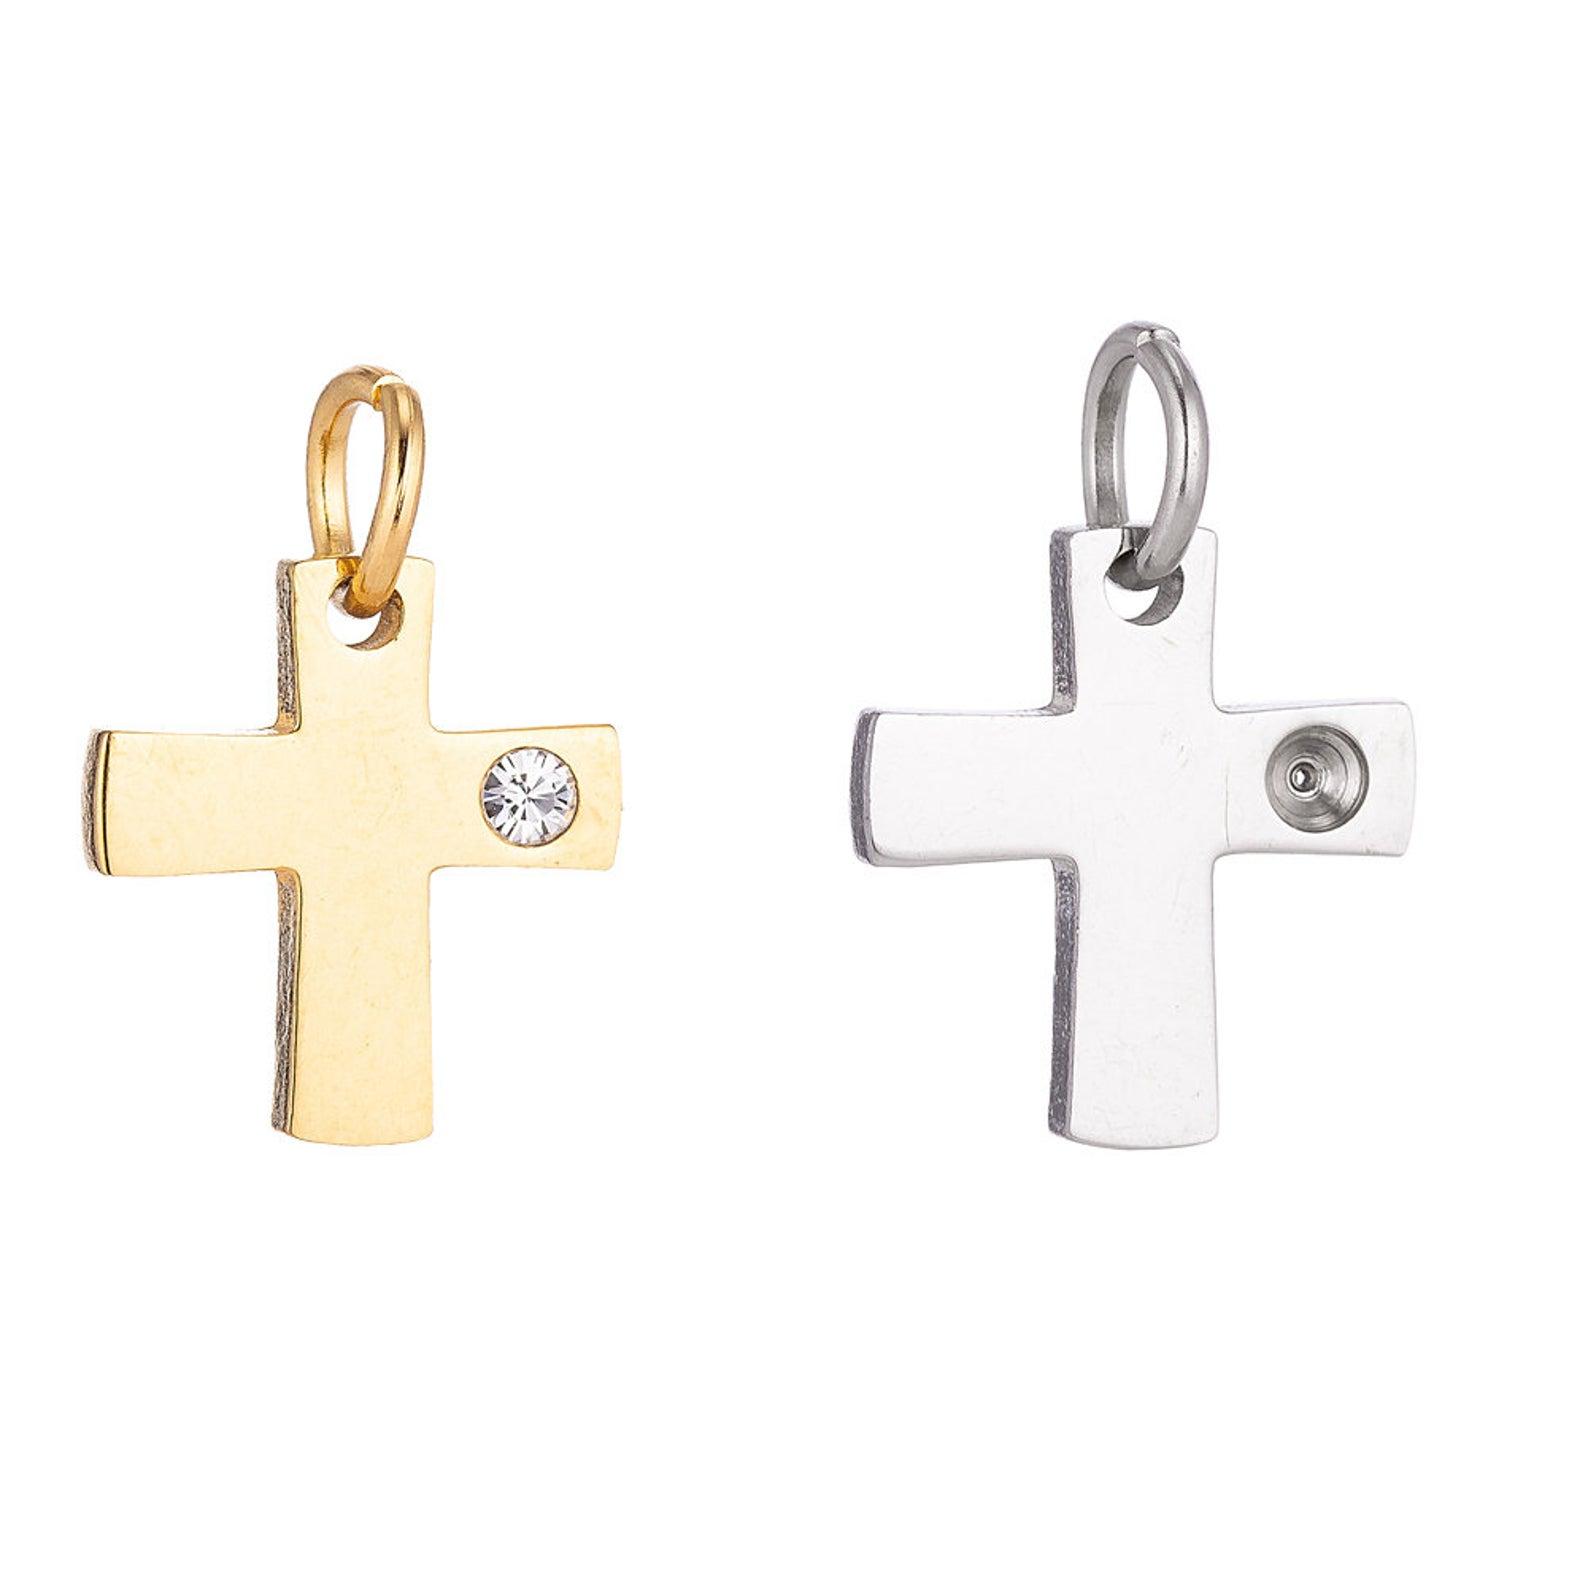 cruz = Es el símbolo por excelencia de los cristianos y representa al Maestro Jesús. Se usa como protección divina.